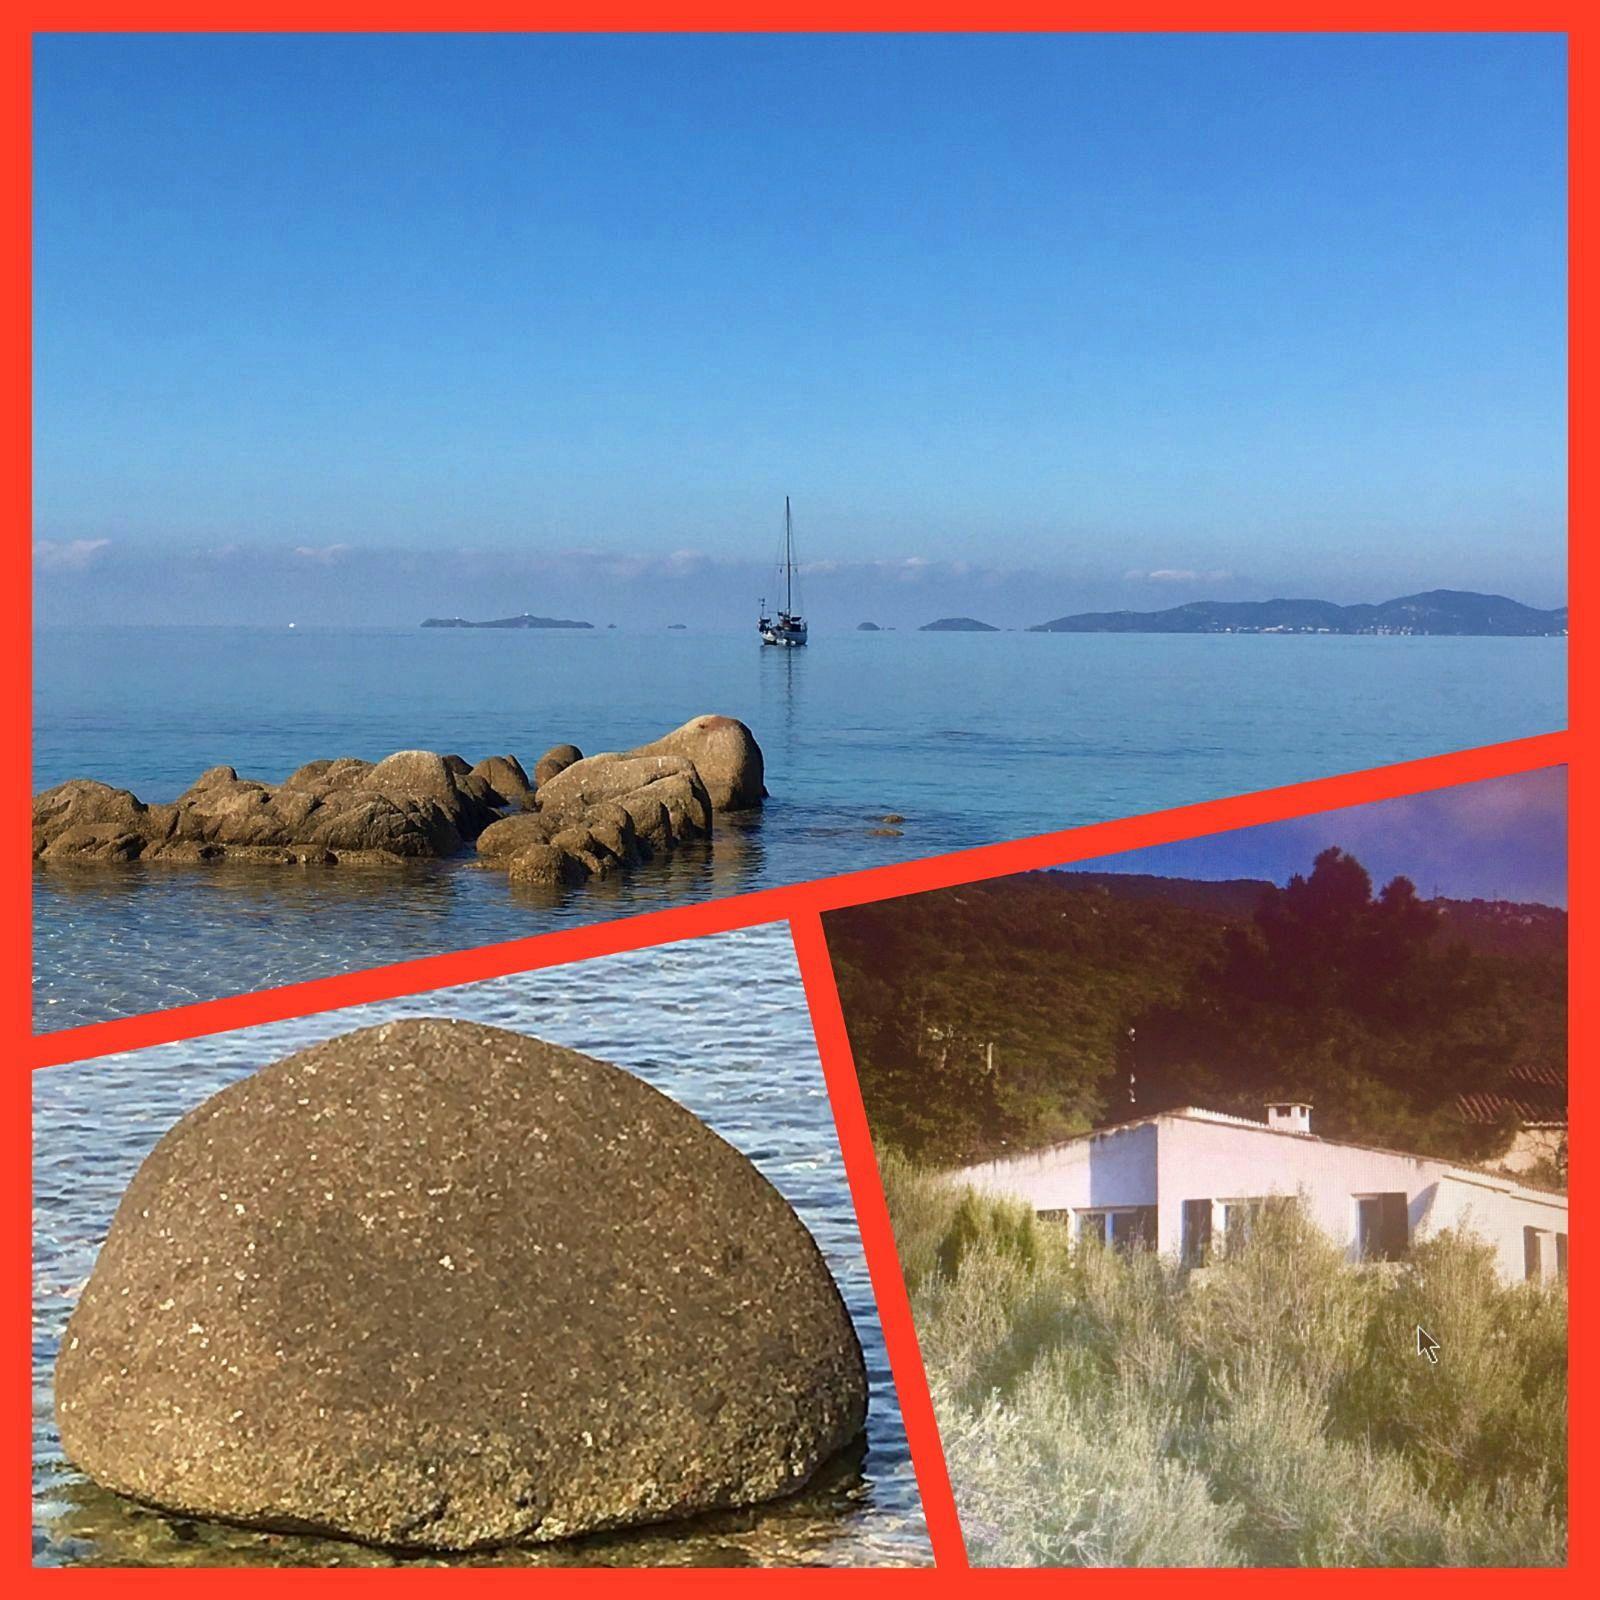 Loue maison Baie Ajaccio 6/7couchages - Plage à 300m-vue mer superbe CORSE SUD